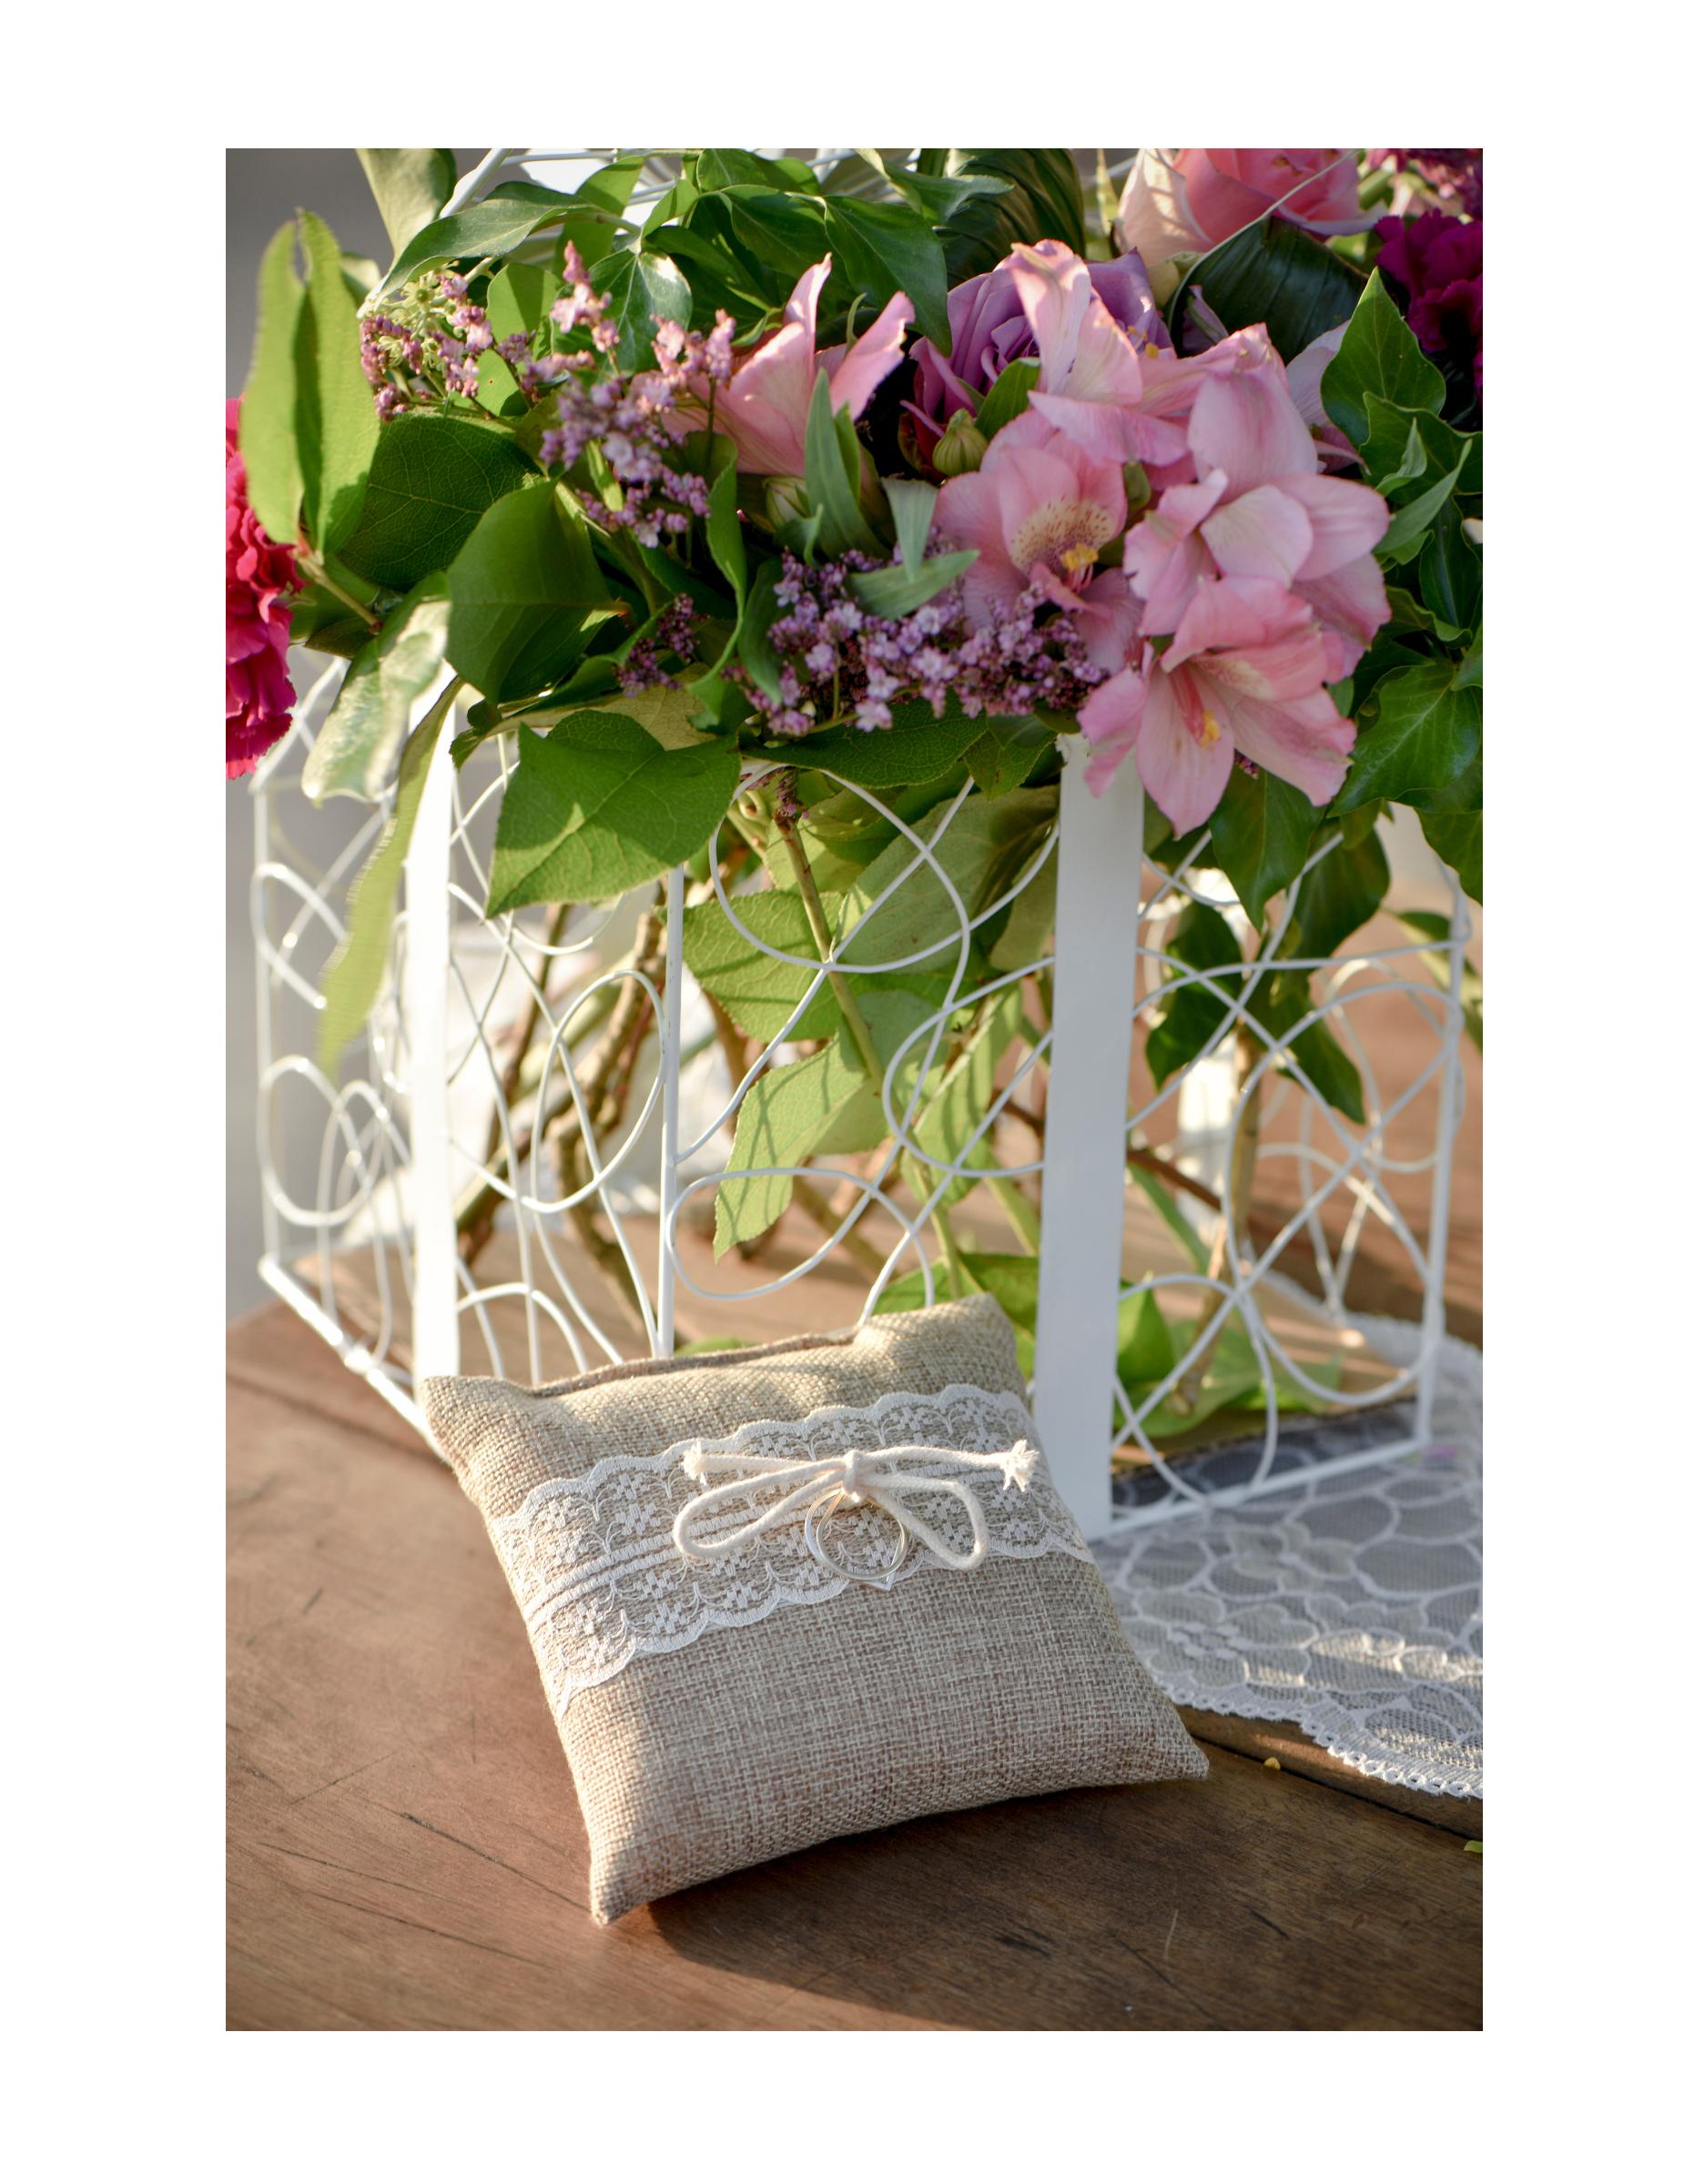 coussin pour alliances en toile de jute et dentelle 12 cm d coration anniversaire et f tes. Black Bedroom Furniture Sets. Home Design Ideas